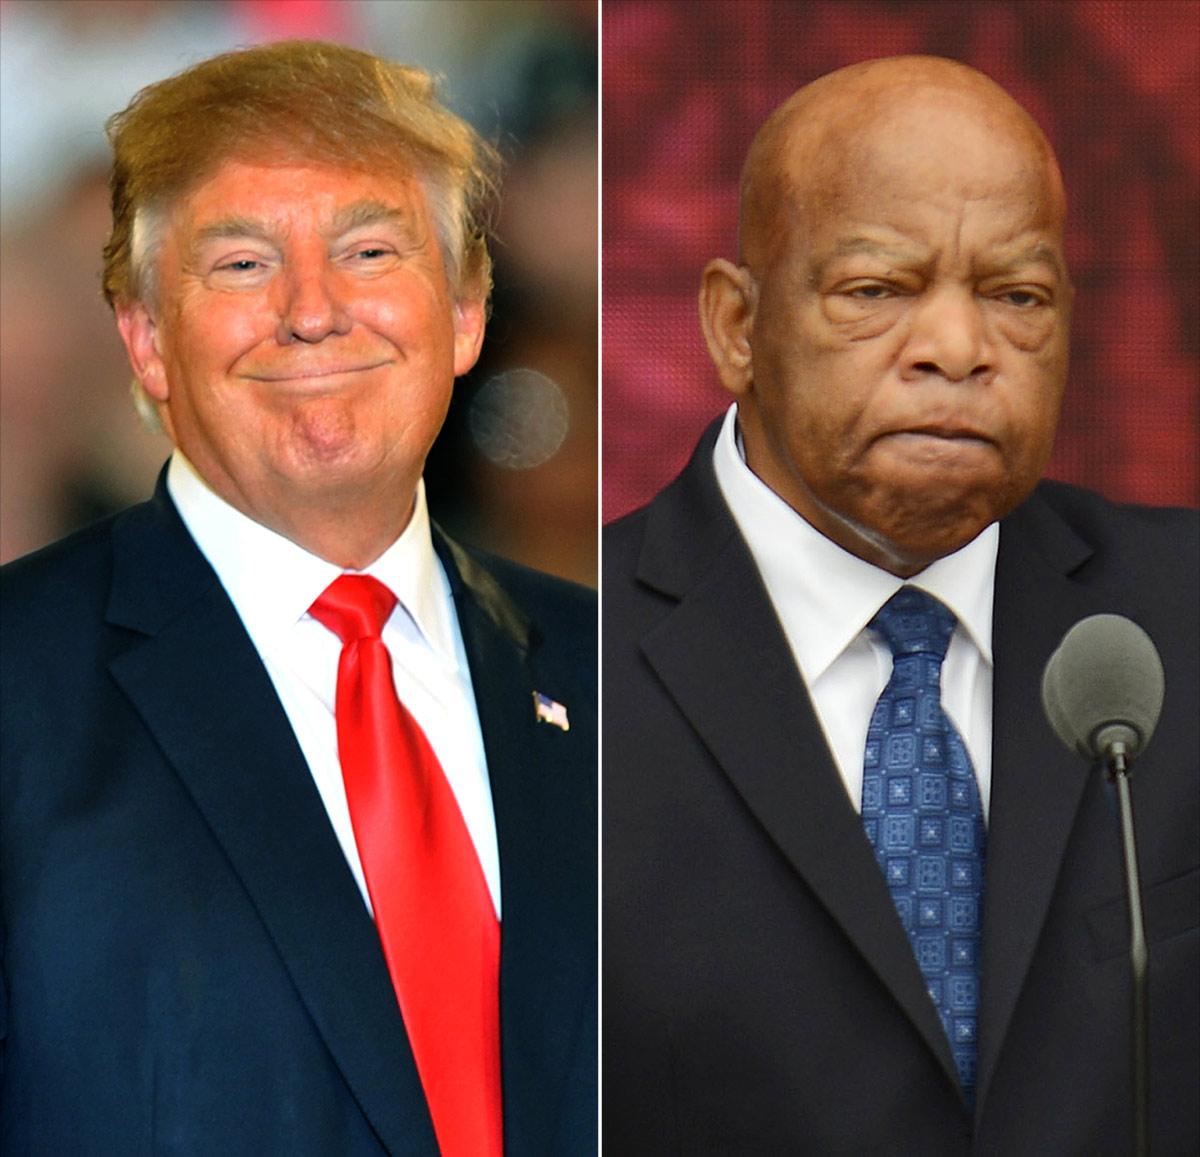 Donald Trump and John Lewis